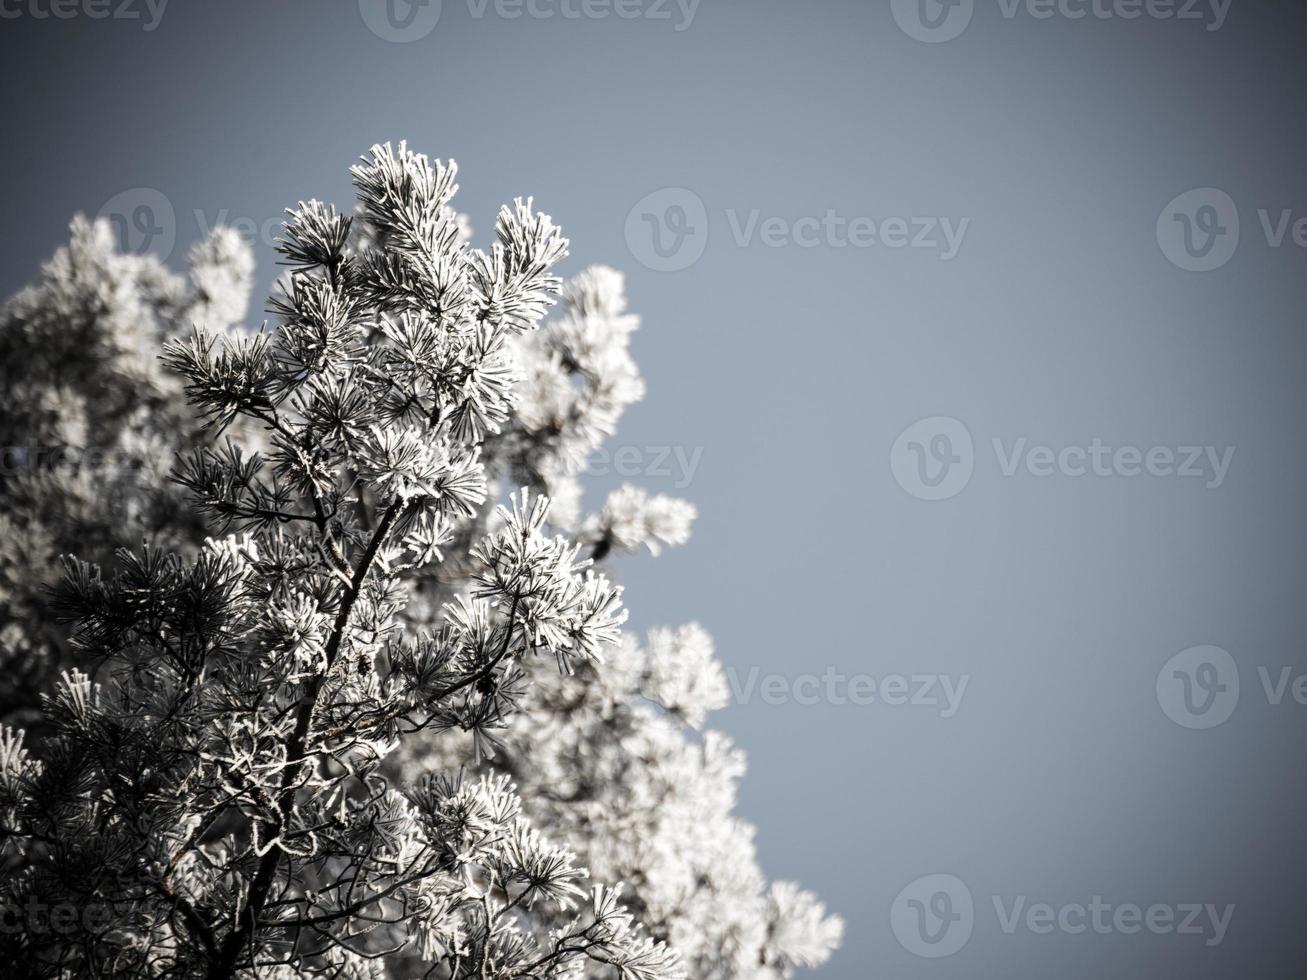 Fondo de Navidad del bosque nevado, copas de los árboles helados en el cielo. foto